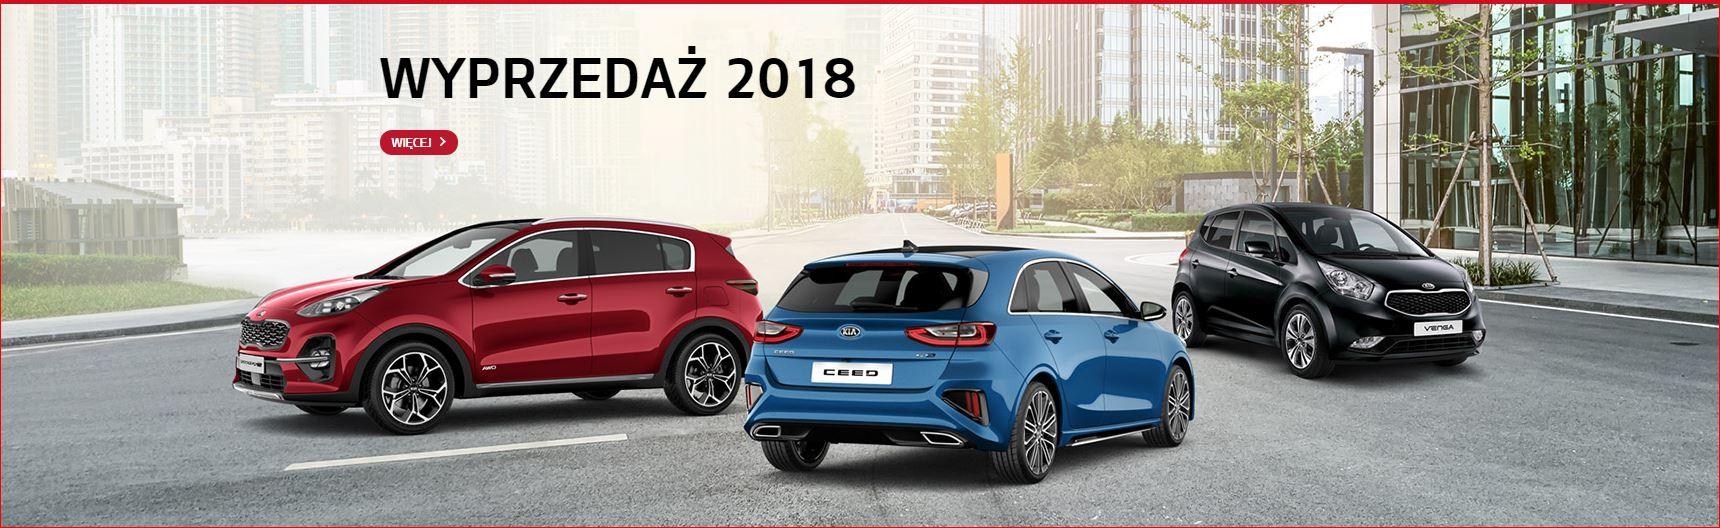 Zyskaj na zakupie samochodów KIA z rocznika 2018 7